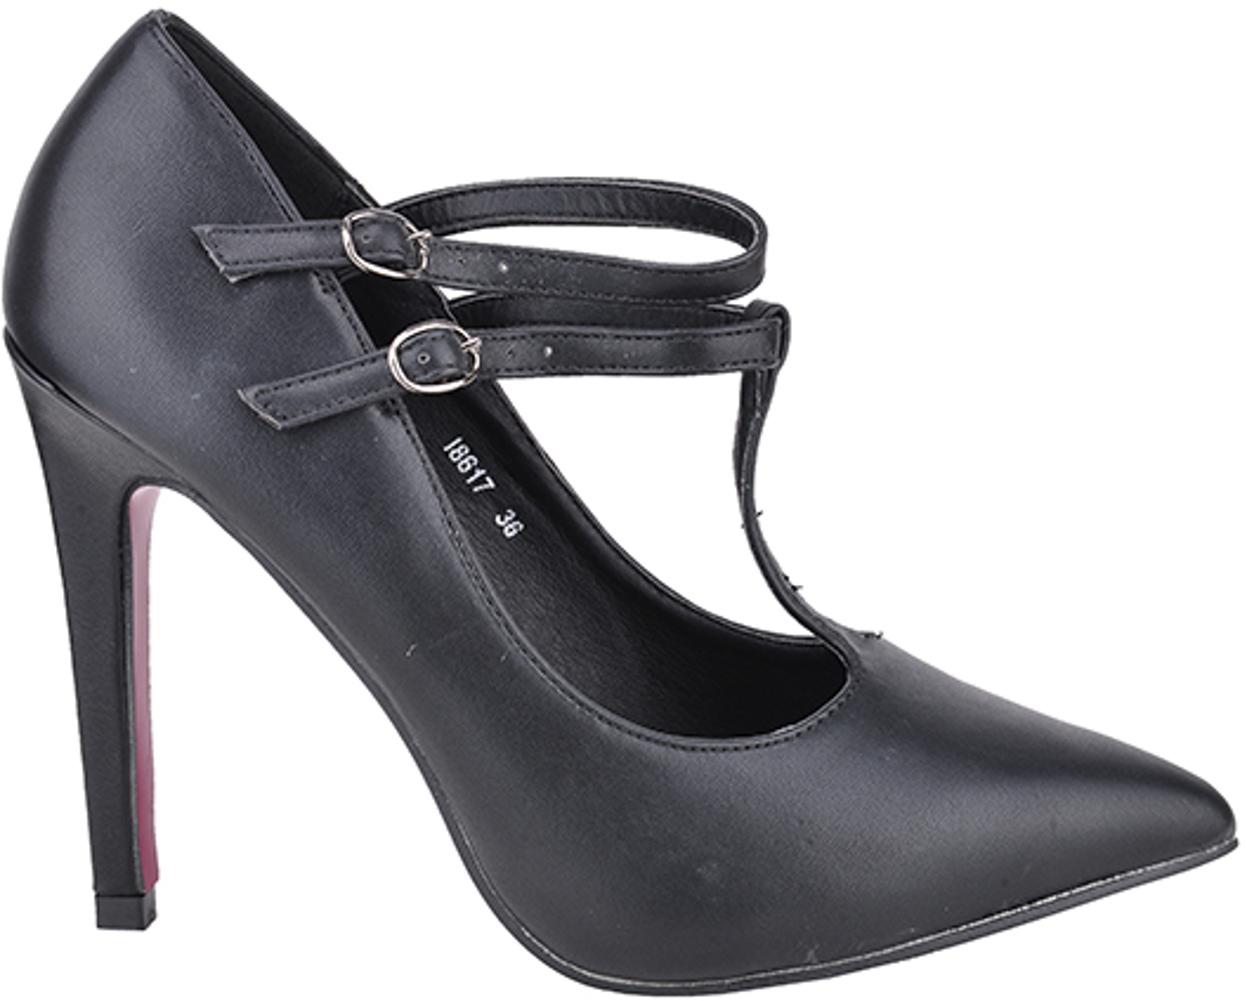 edle basic high heels riemchen 50s black pumps rockabilly s i8617. Black Bedroom Furniture Sets. Home Design Ideas